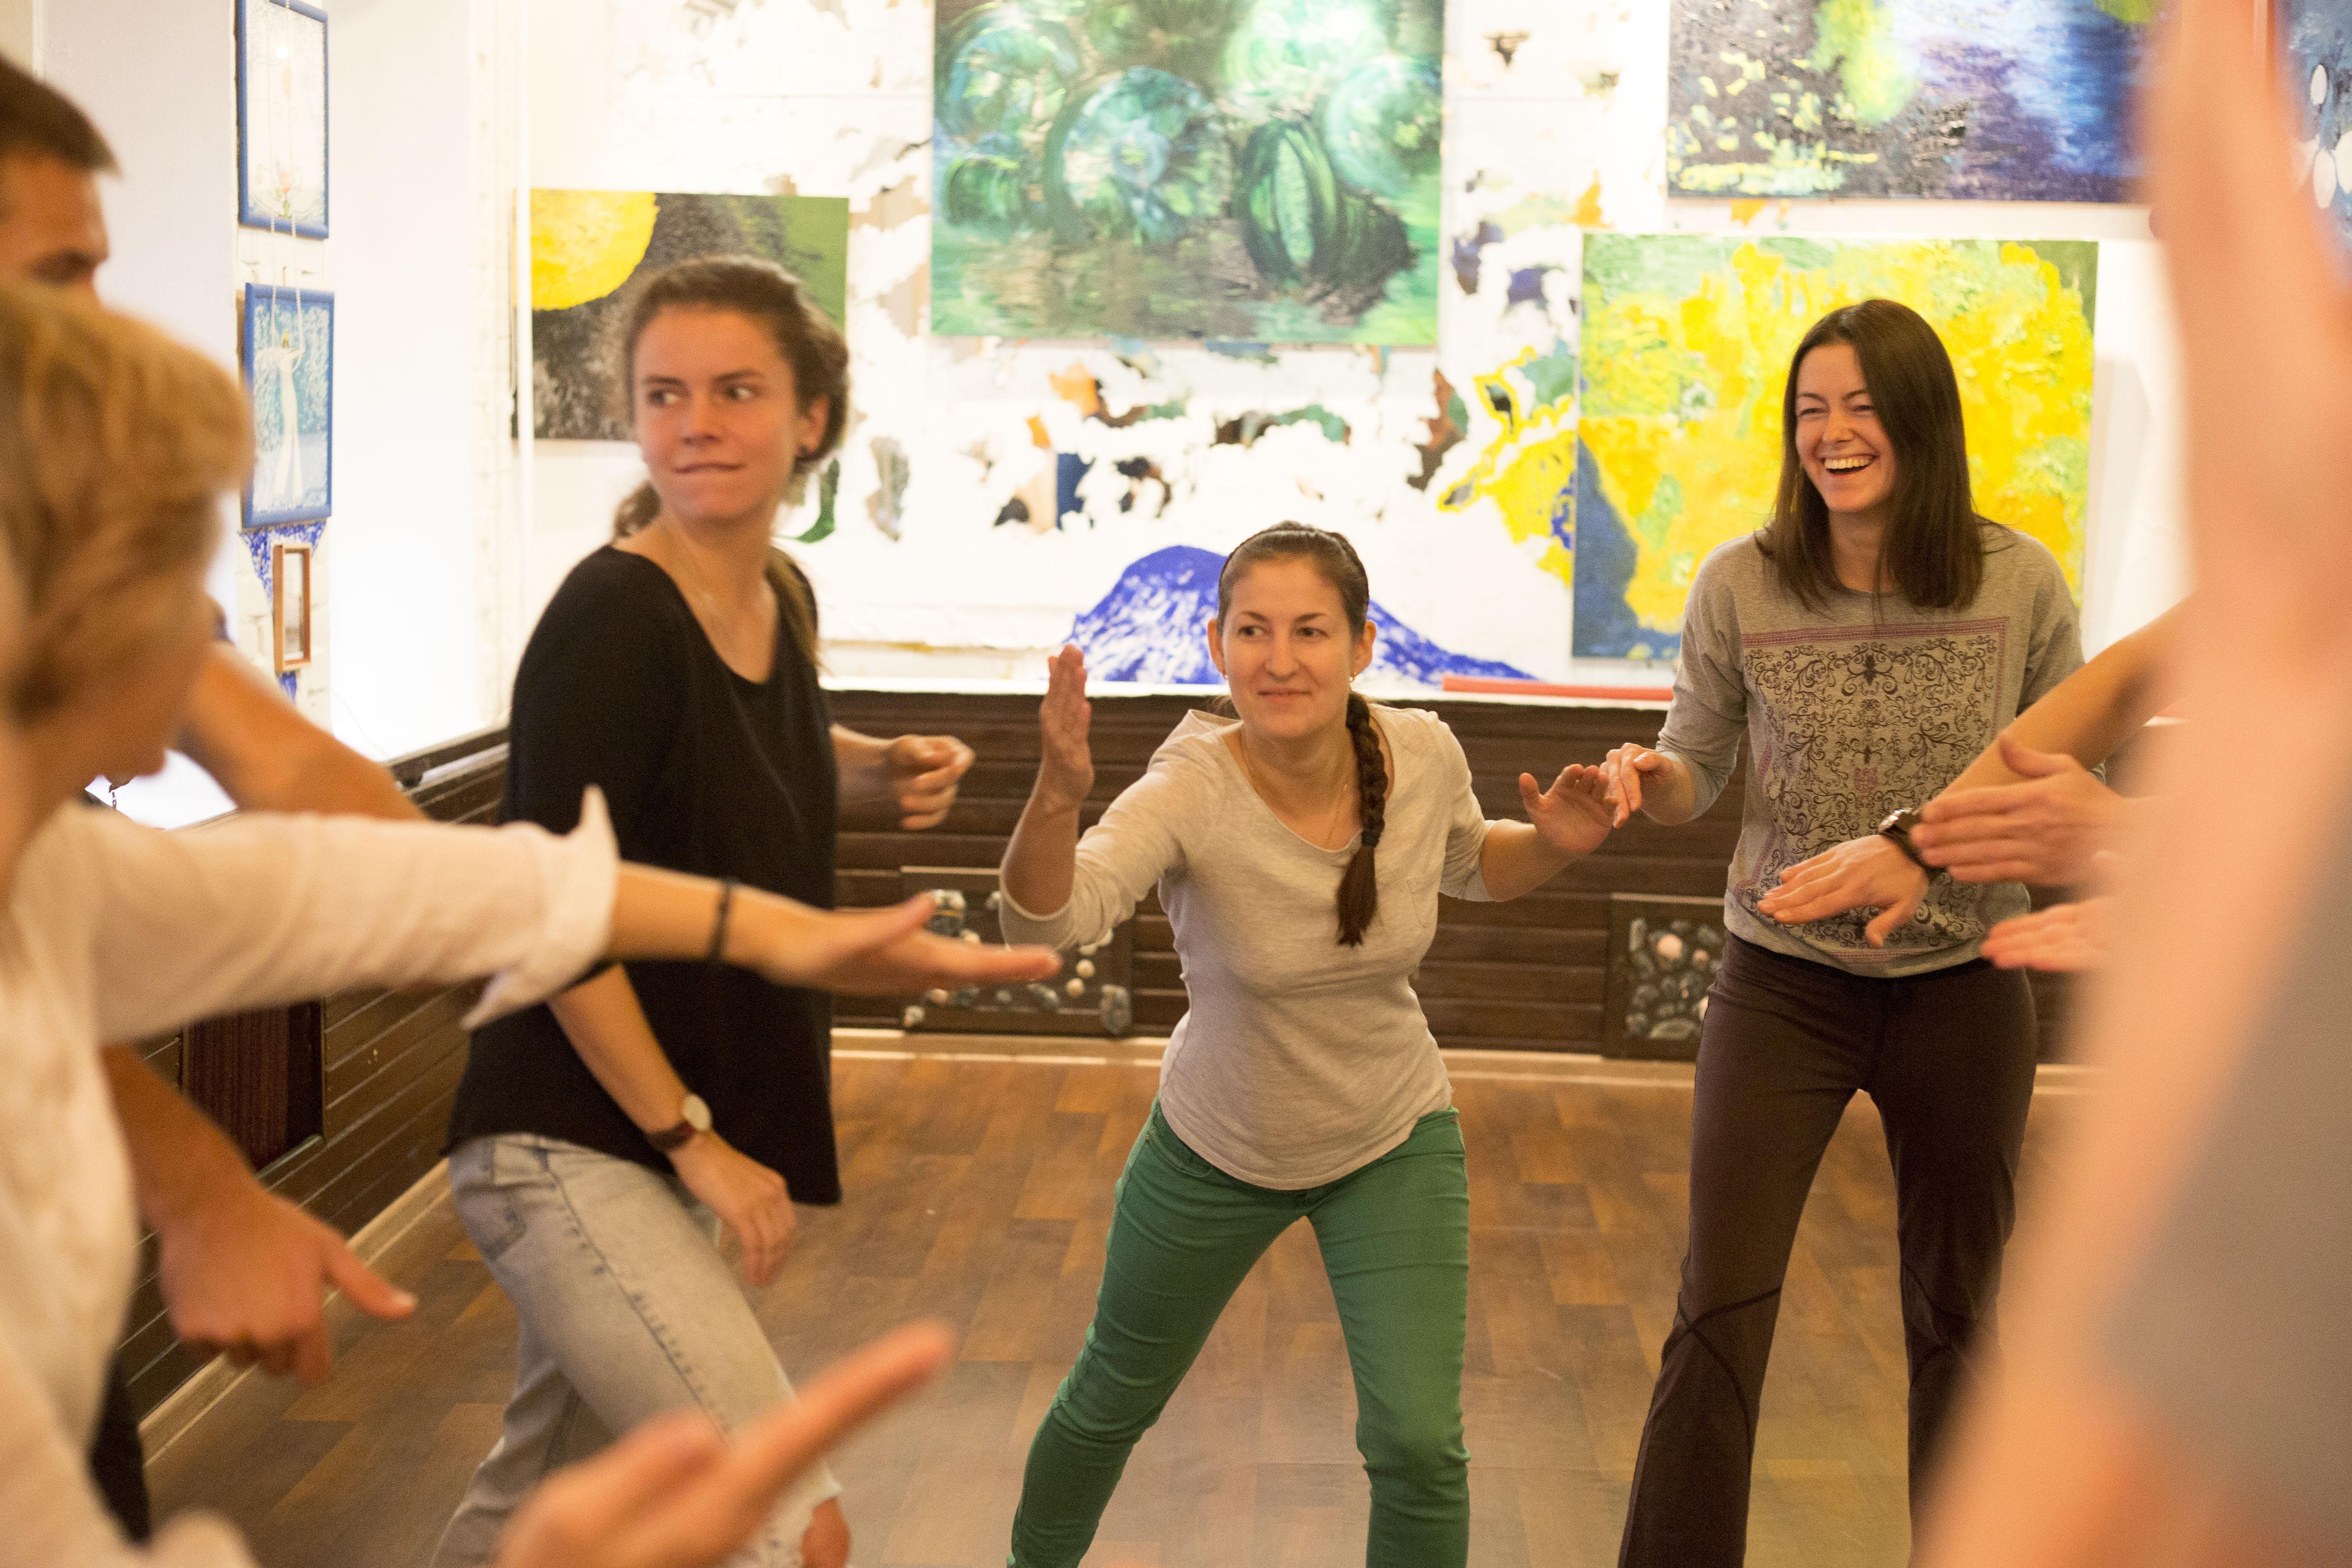 театральная студия в москве